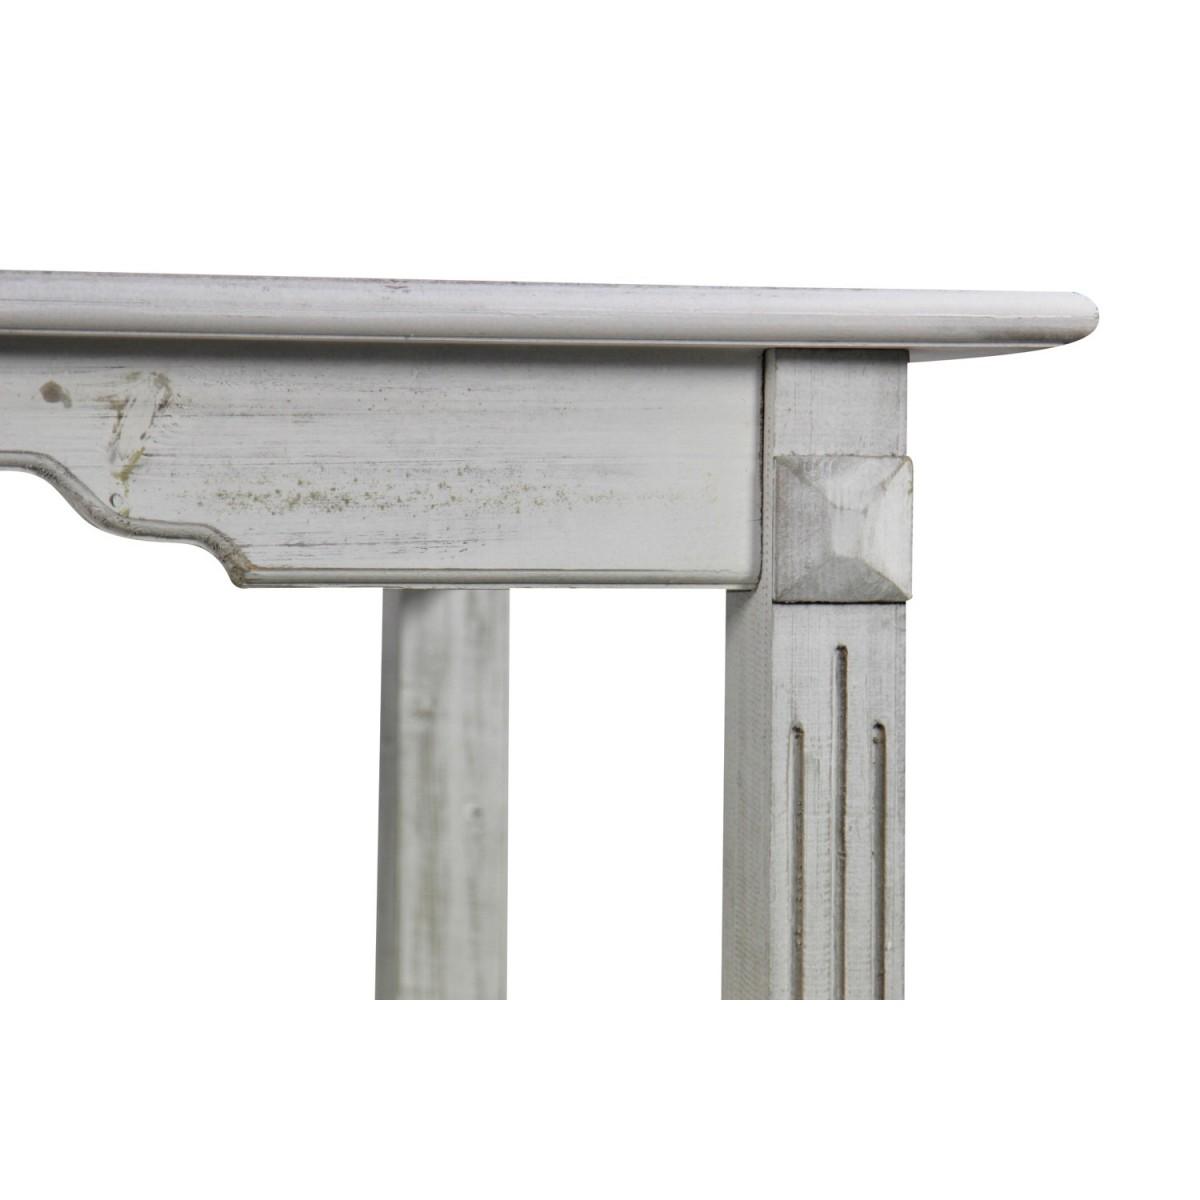 Table Bois Cerusé Blanc 180x90.5x81.5cm